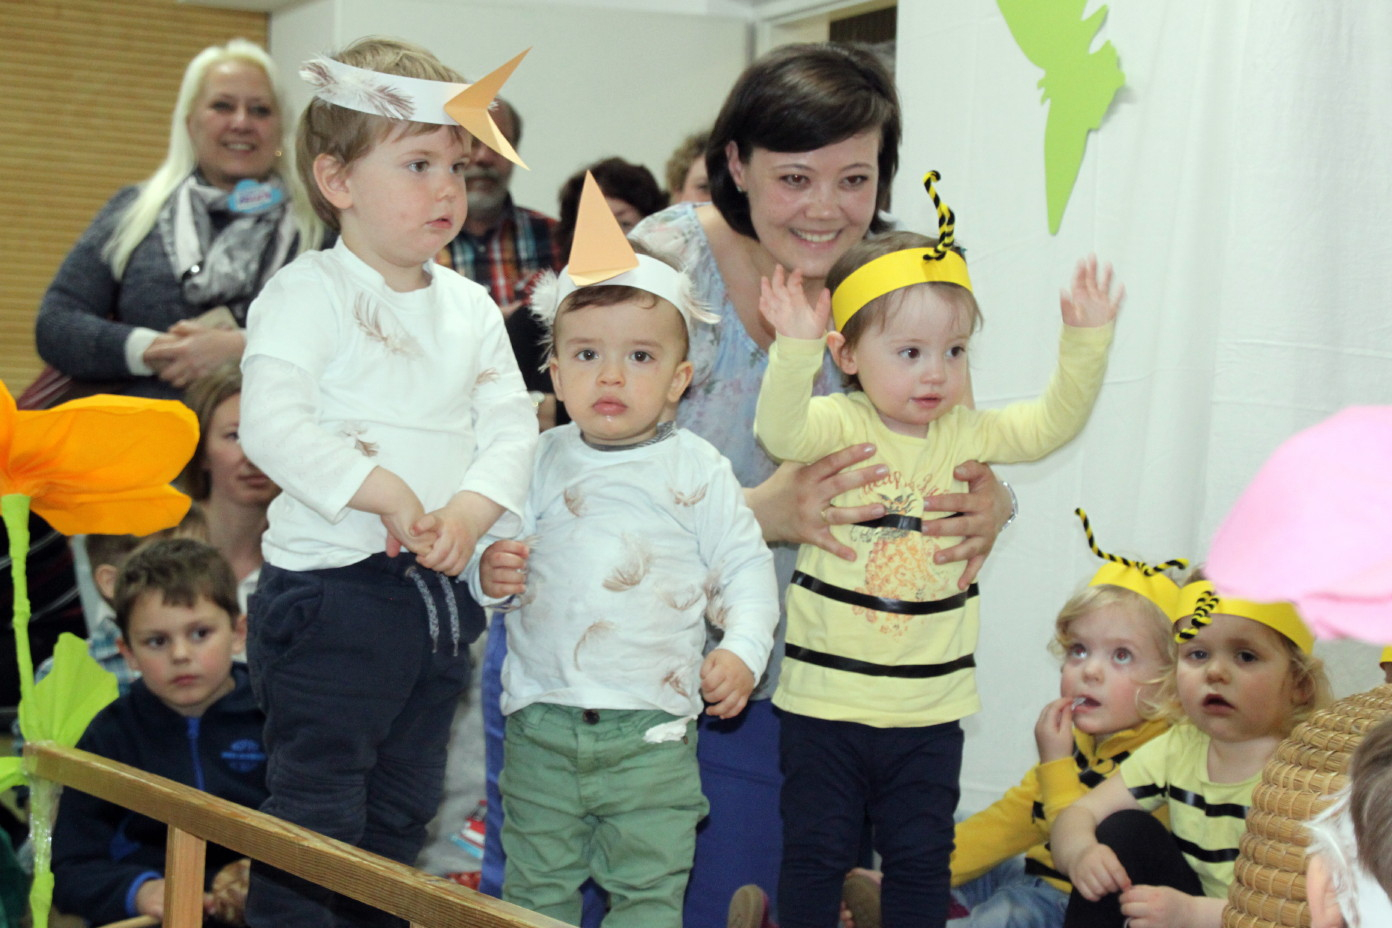 Kirchengemeinde St. Pelagius / St. Silvester Rottweil in Gedichte Zum Oma Opa Tag Im Kindergarten